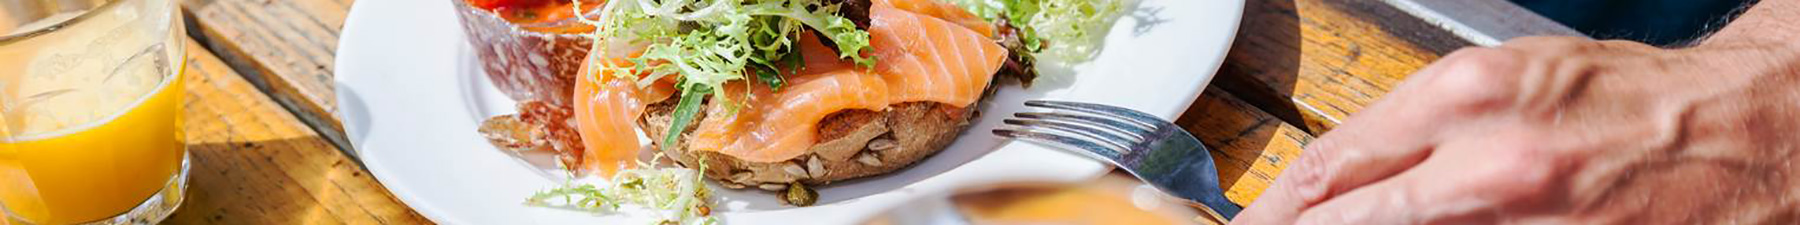 三文鱼配面包